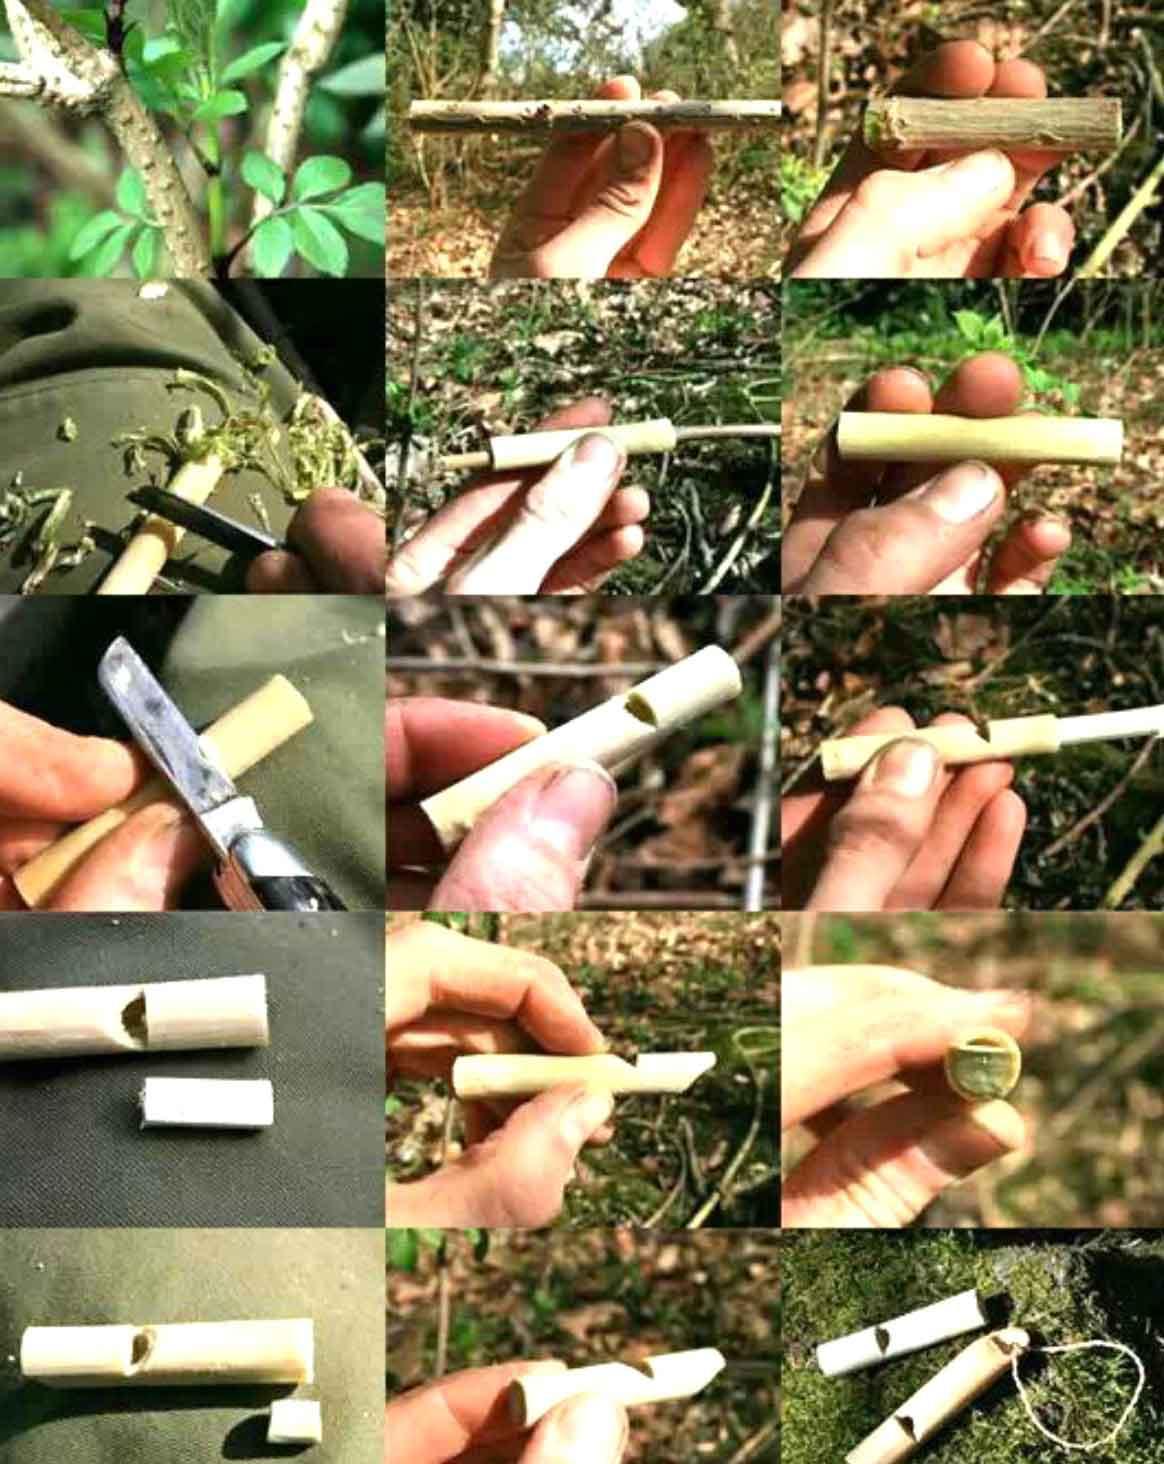 Como hacer pitos, silbatos o flautas caseras